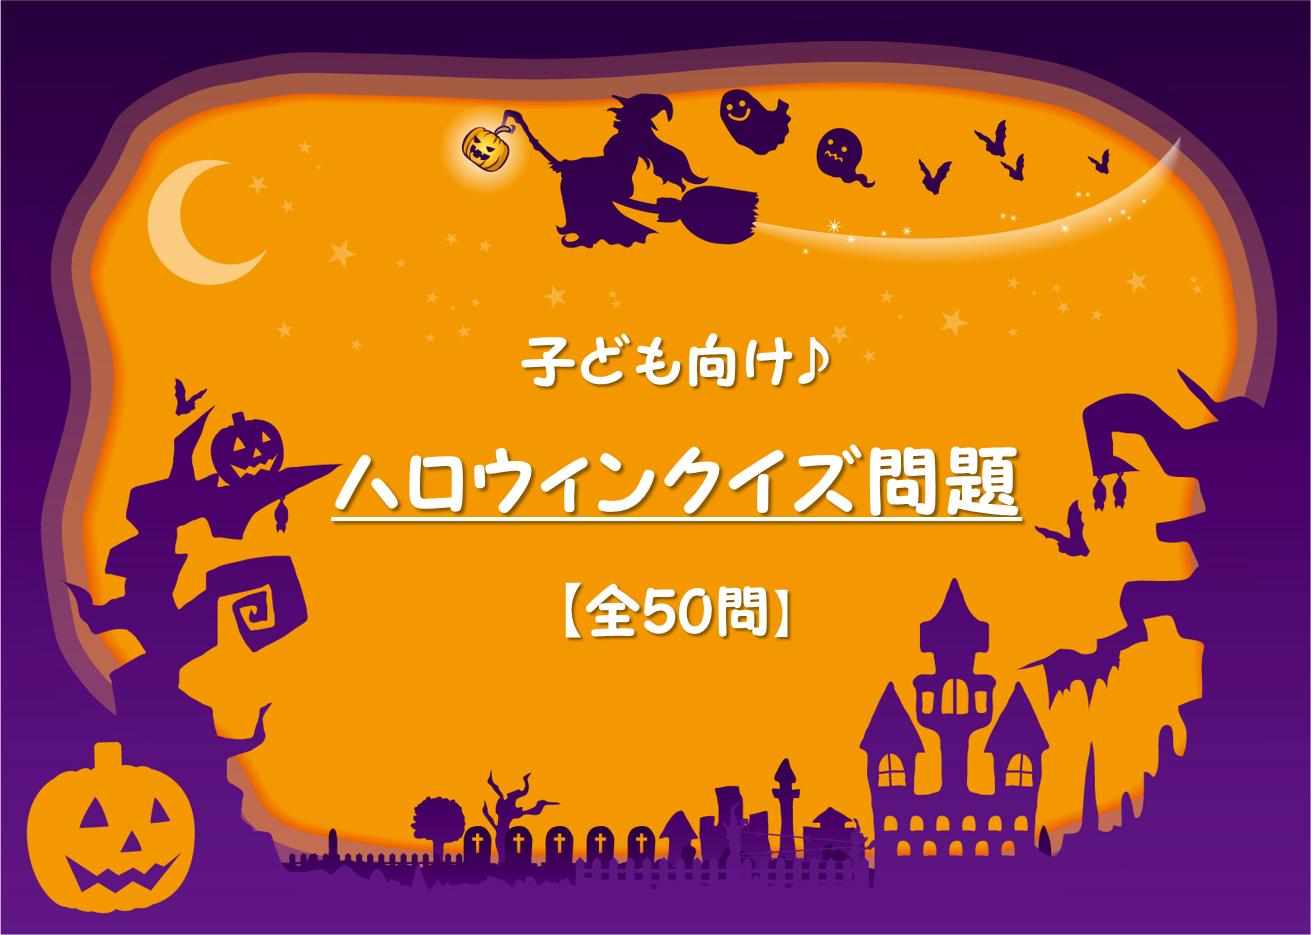 【ハロウィンクイズ 厳選50問】子ども向け!!簡単&難しい・三択クイズ問題集!